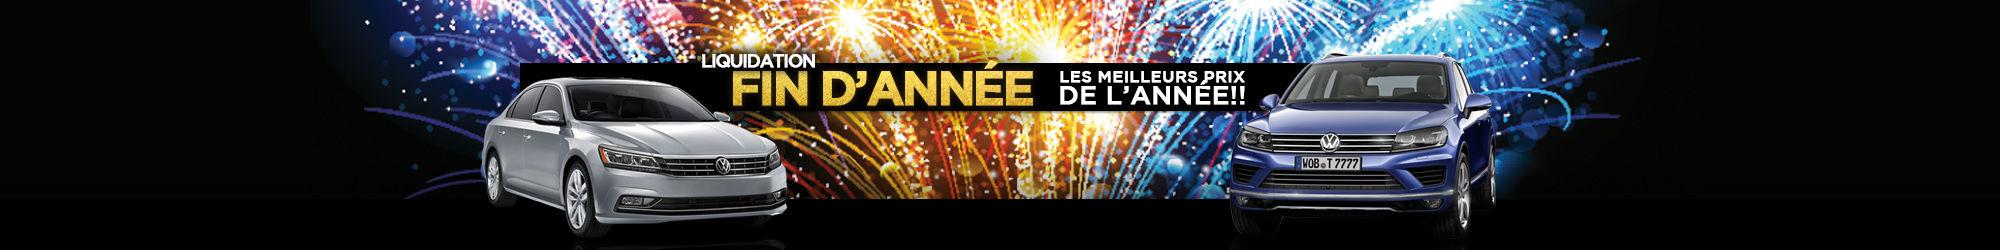 Liquidation FIN D'ANNÉE